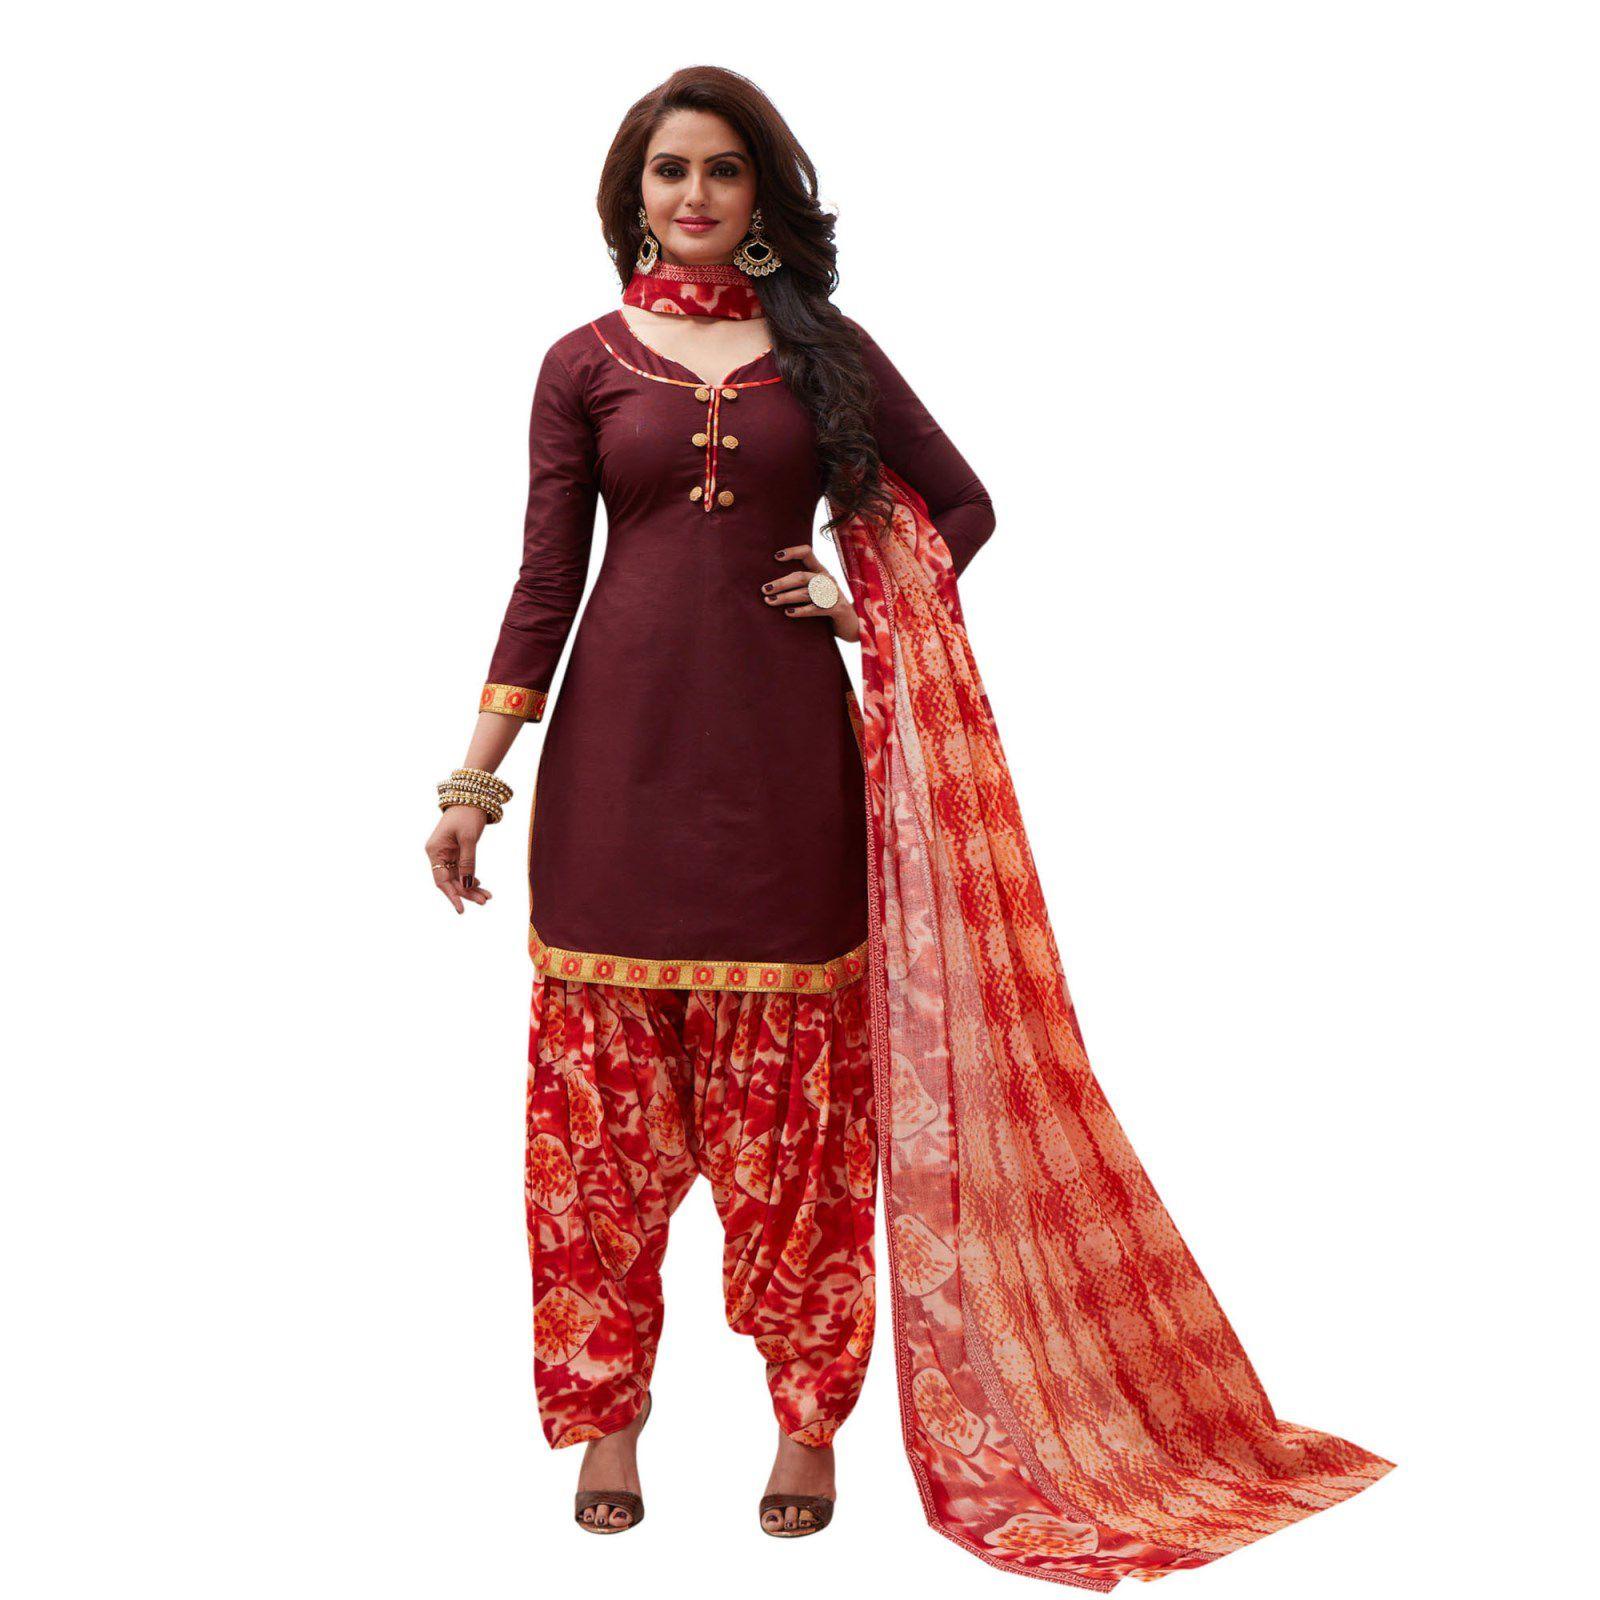 SALWAR HOUSE Brown Cotton Dress Material